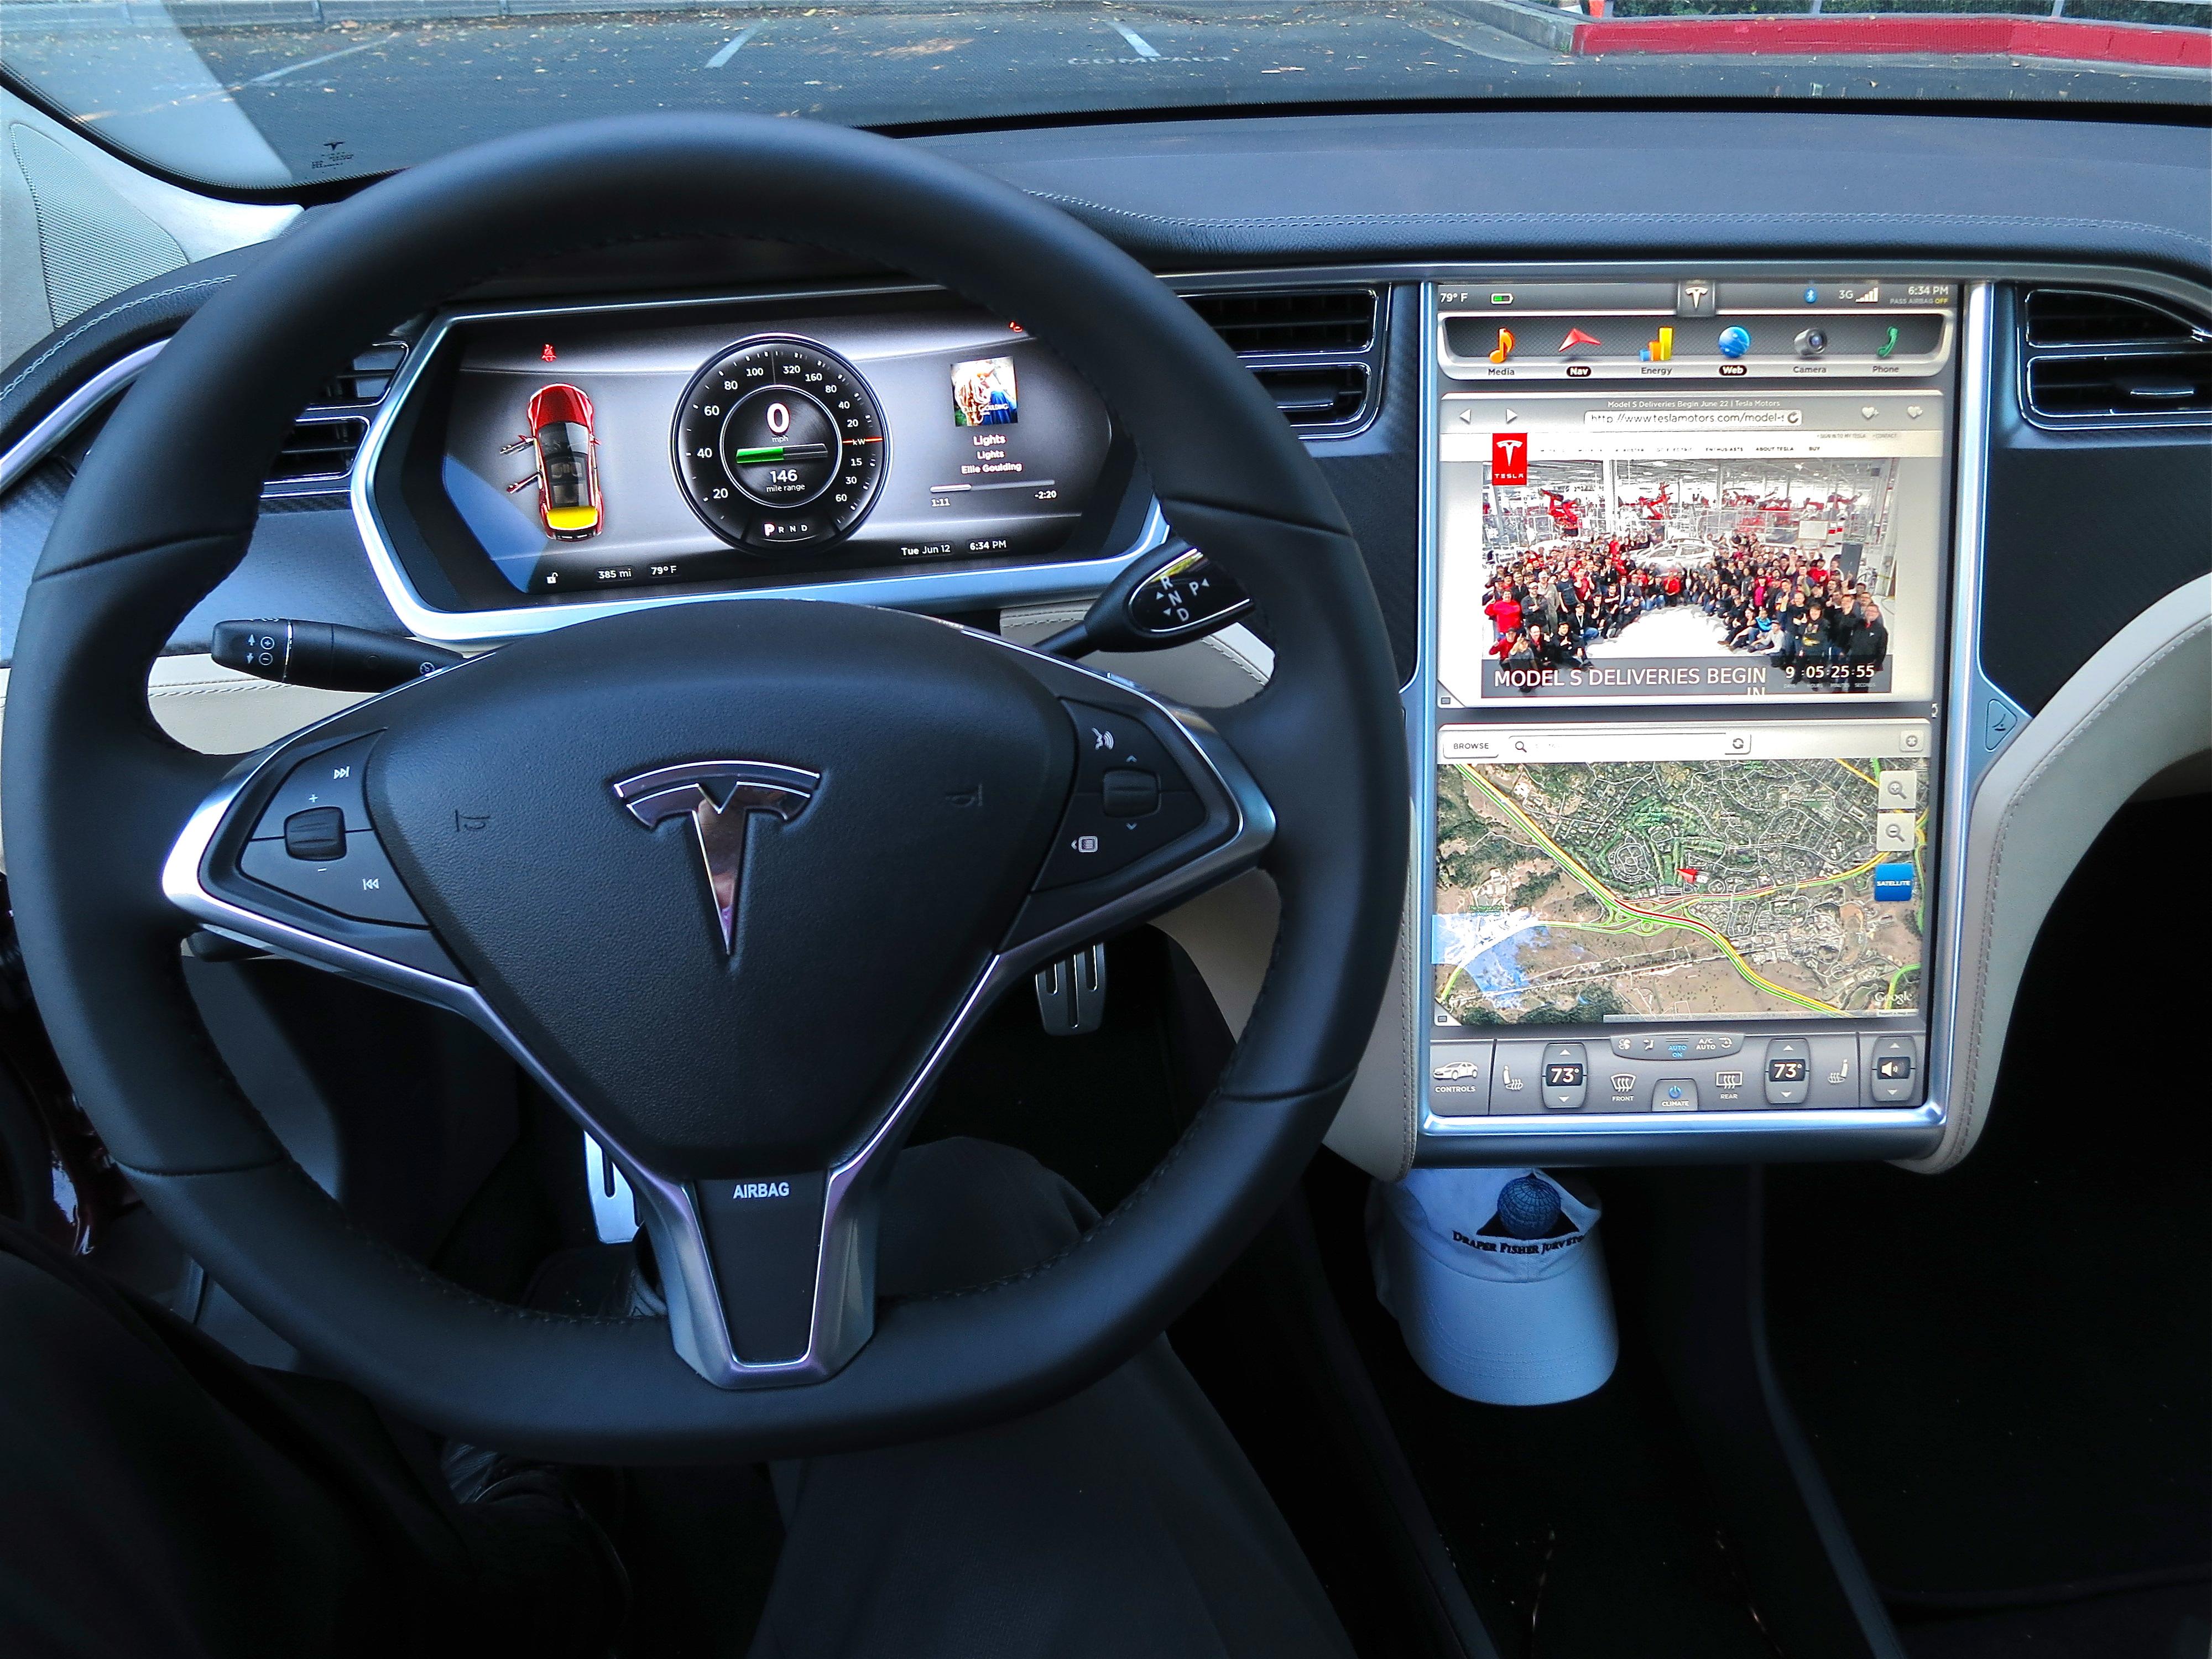 Tesla Model S. Elon Musk is the largest shareholder in both Tesla and SolarCity. Photo by: jurvetson (Steve Jurvetson)